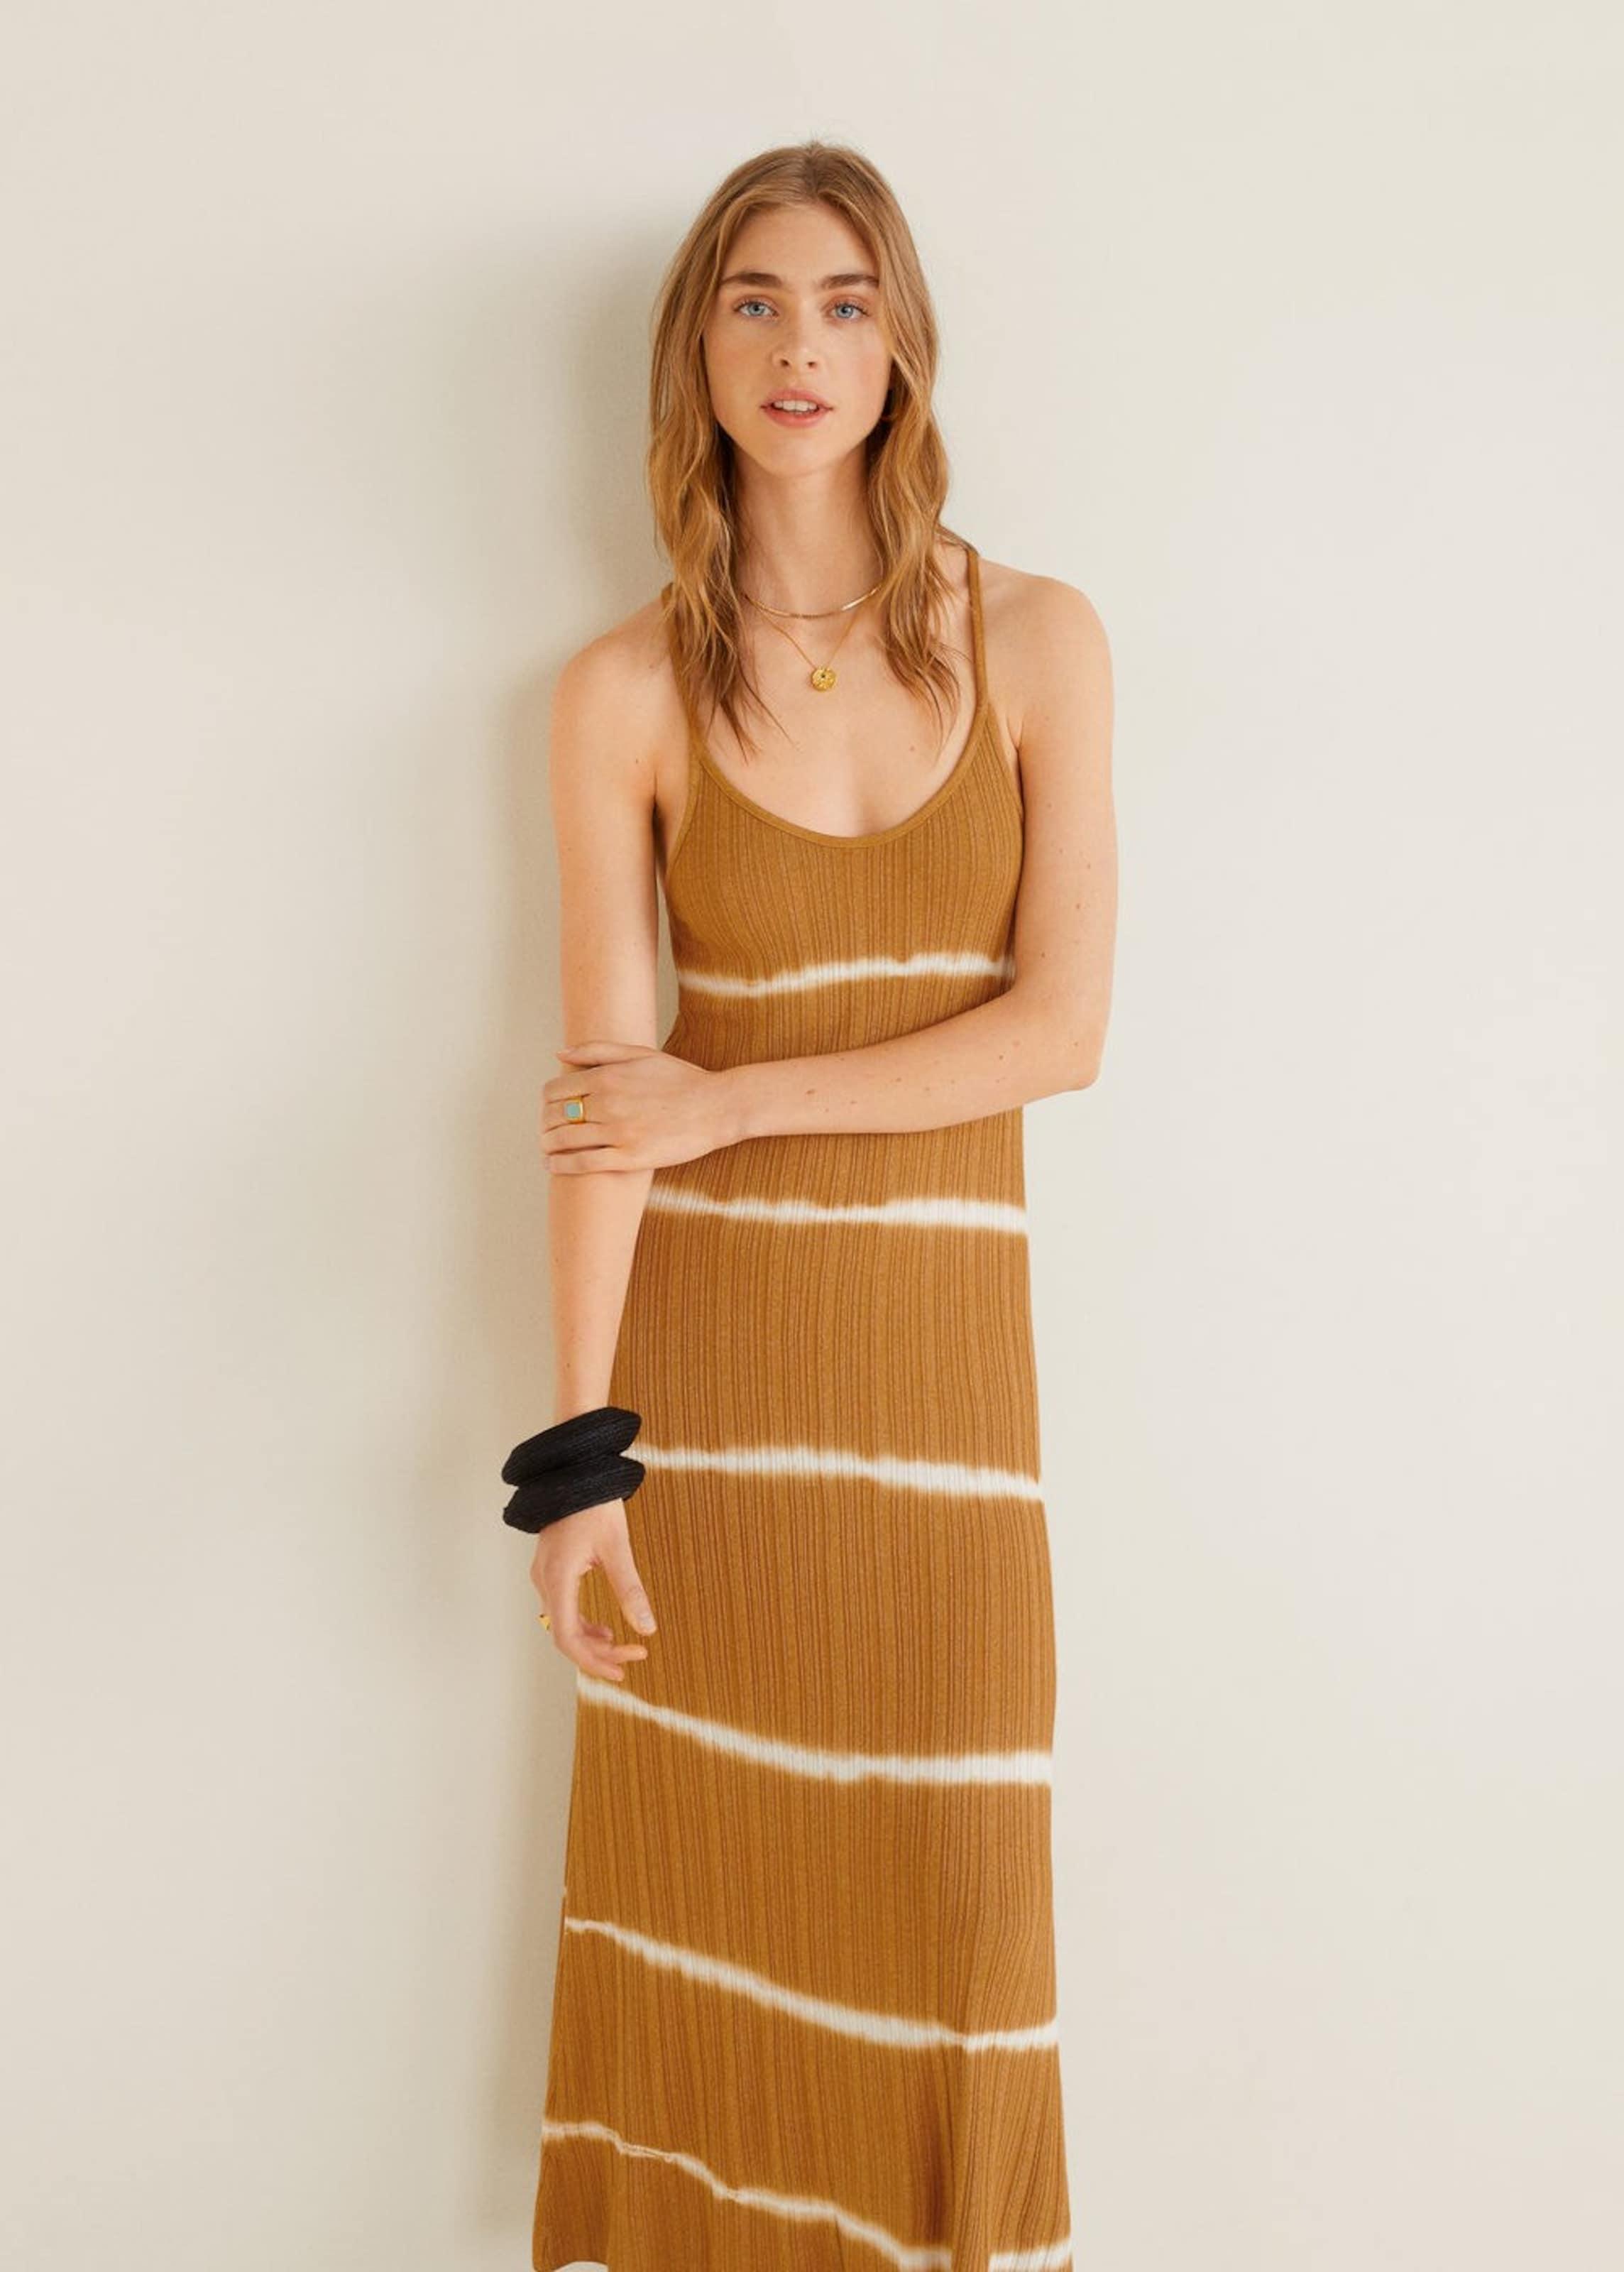 Kleid Kleid Mango In 'joplin' KaramellWeiß Kleid 'joplin' Mango KaramellWeiß In Mango 'joplin' vny0OPw8mN